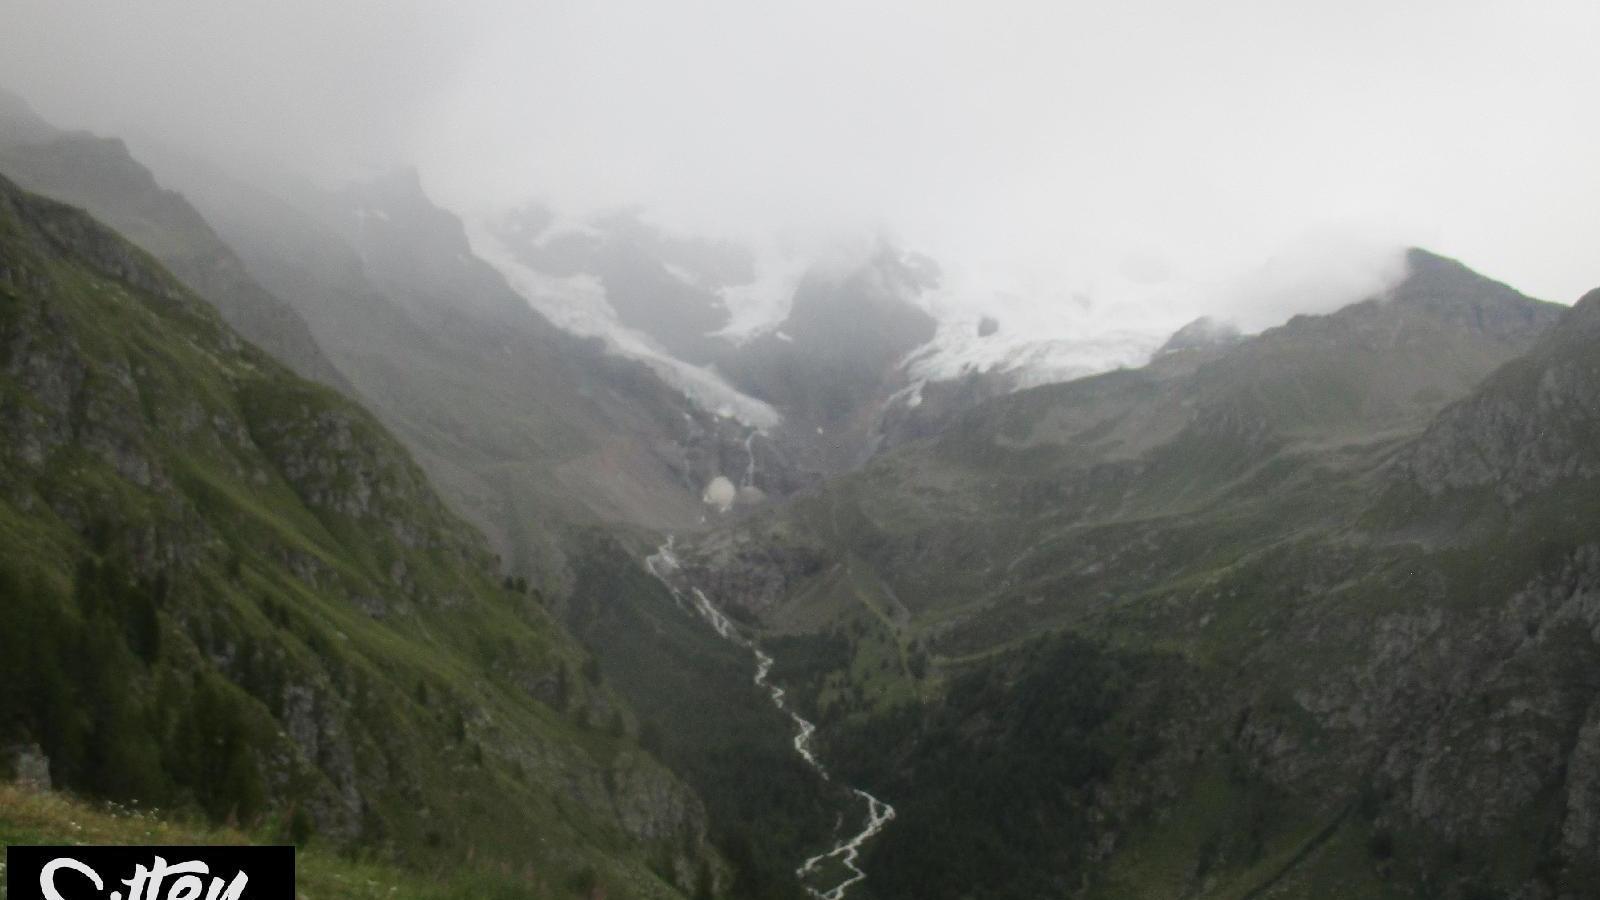 Webcam Gressoney-La-Trinitè › North-East: Monte Rosa